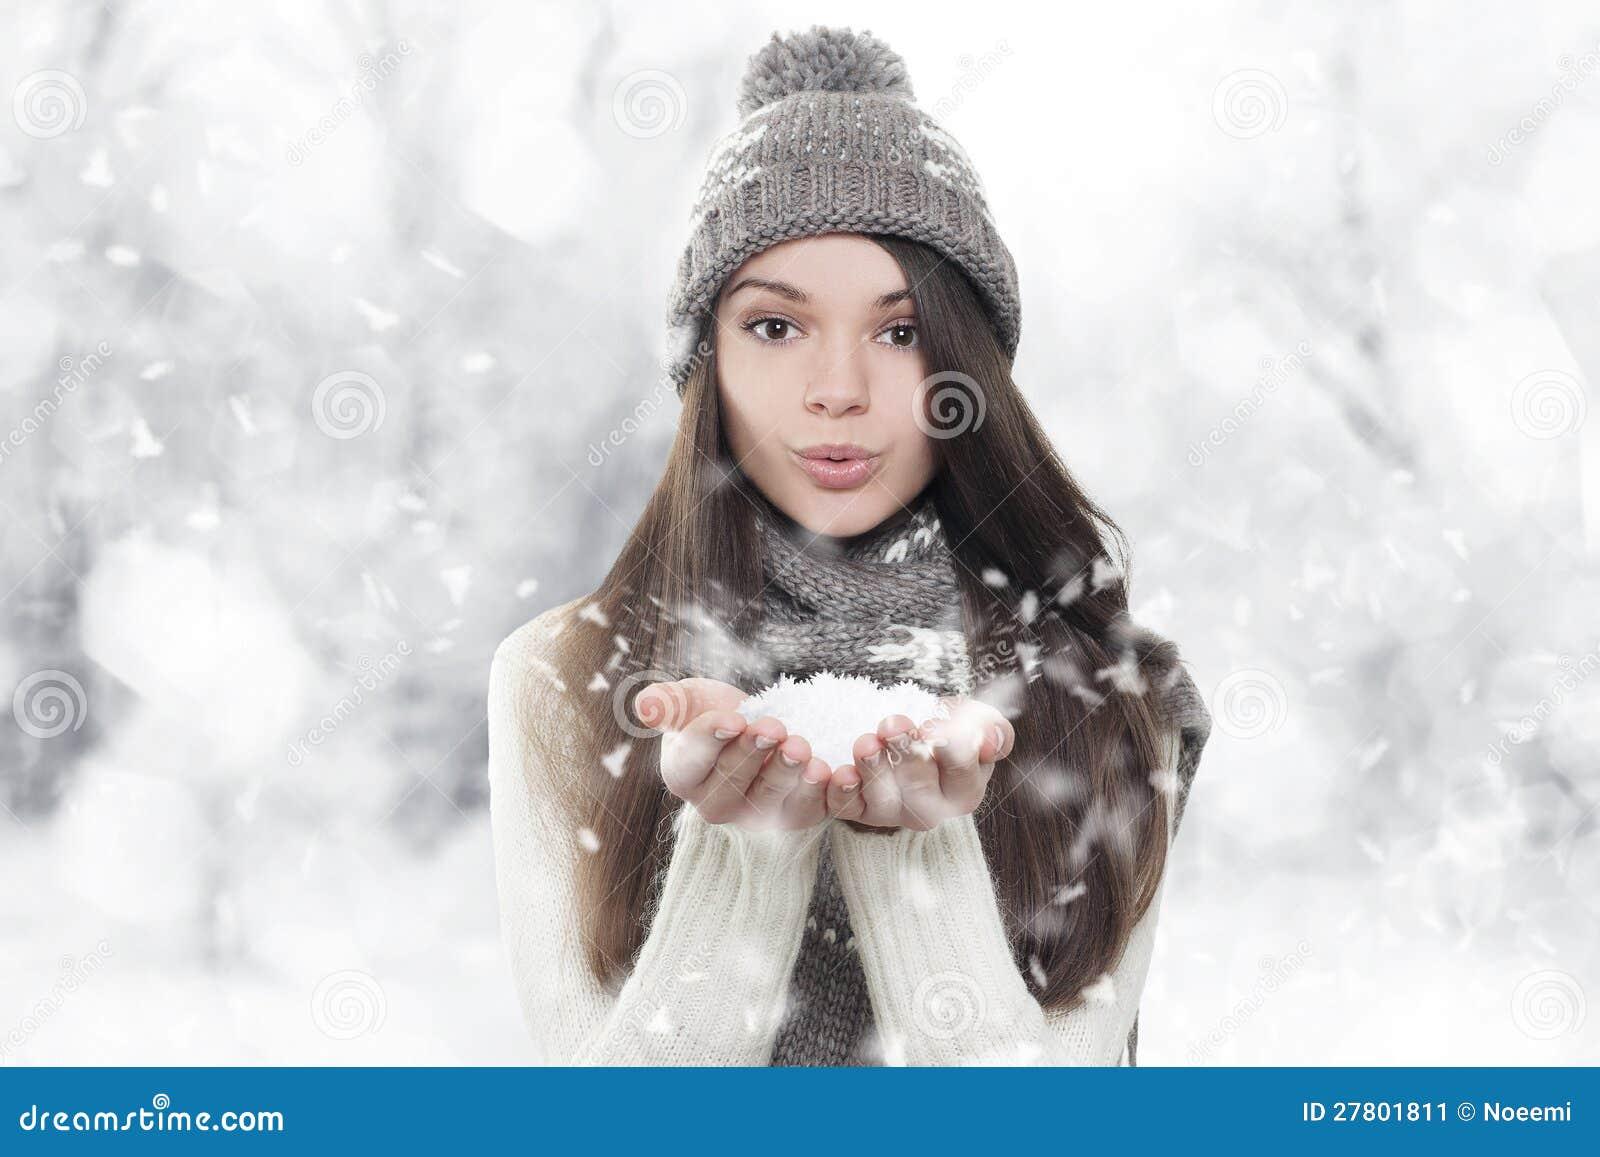 Retrato del invierno. Nieve que sopla de la mujer joven, hermosa